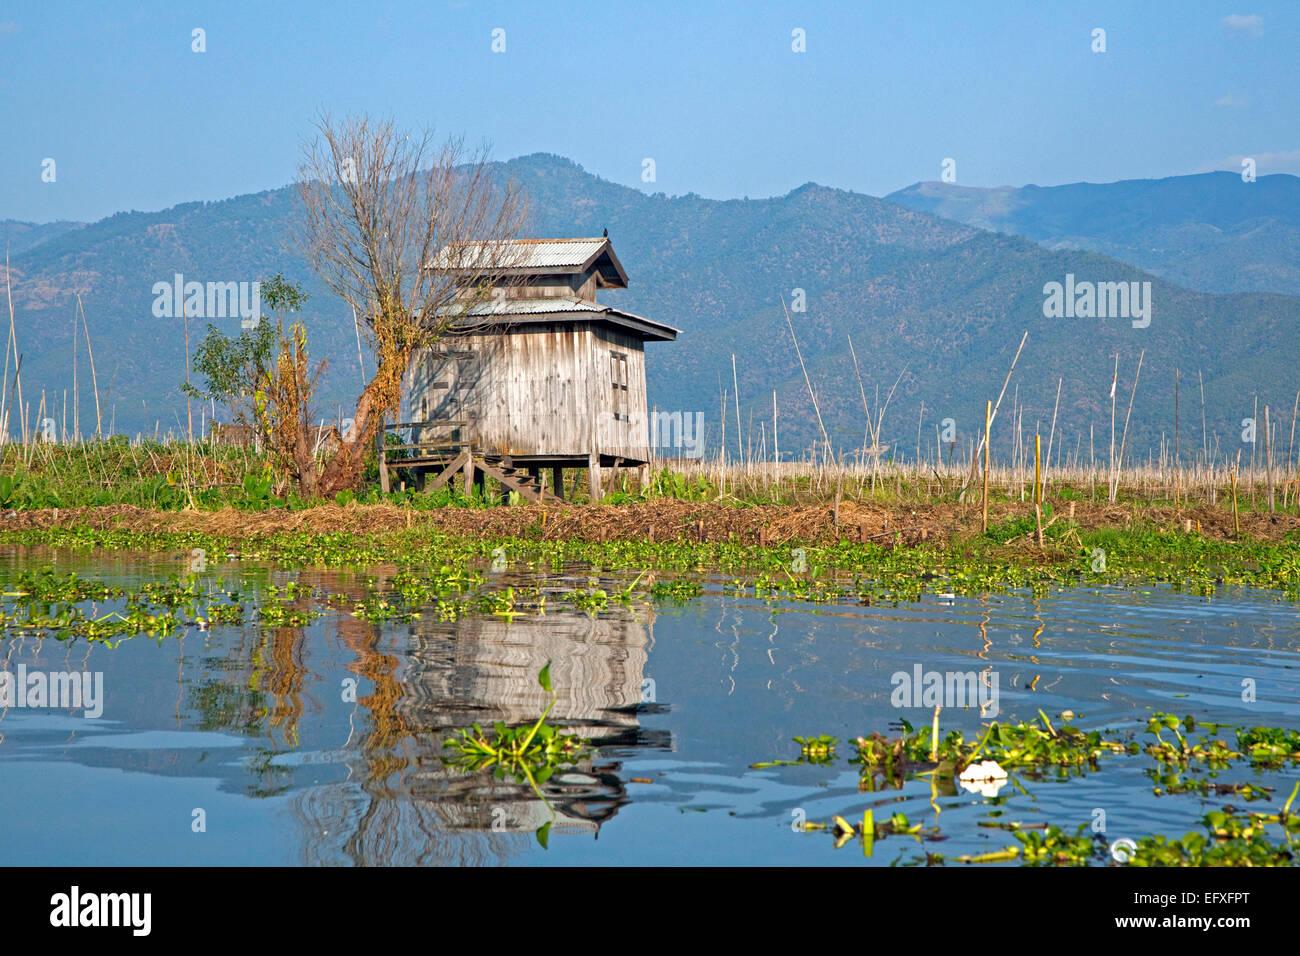 Entrepôt traditionnel en bois sur pilotis dans le lac Inle, Nyaungshwe, Shan State, Myanmar / Birmanie Photo Stock